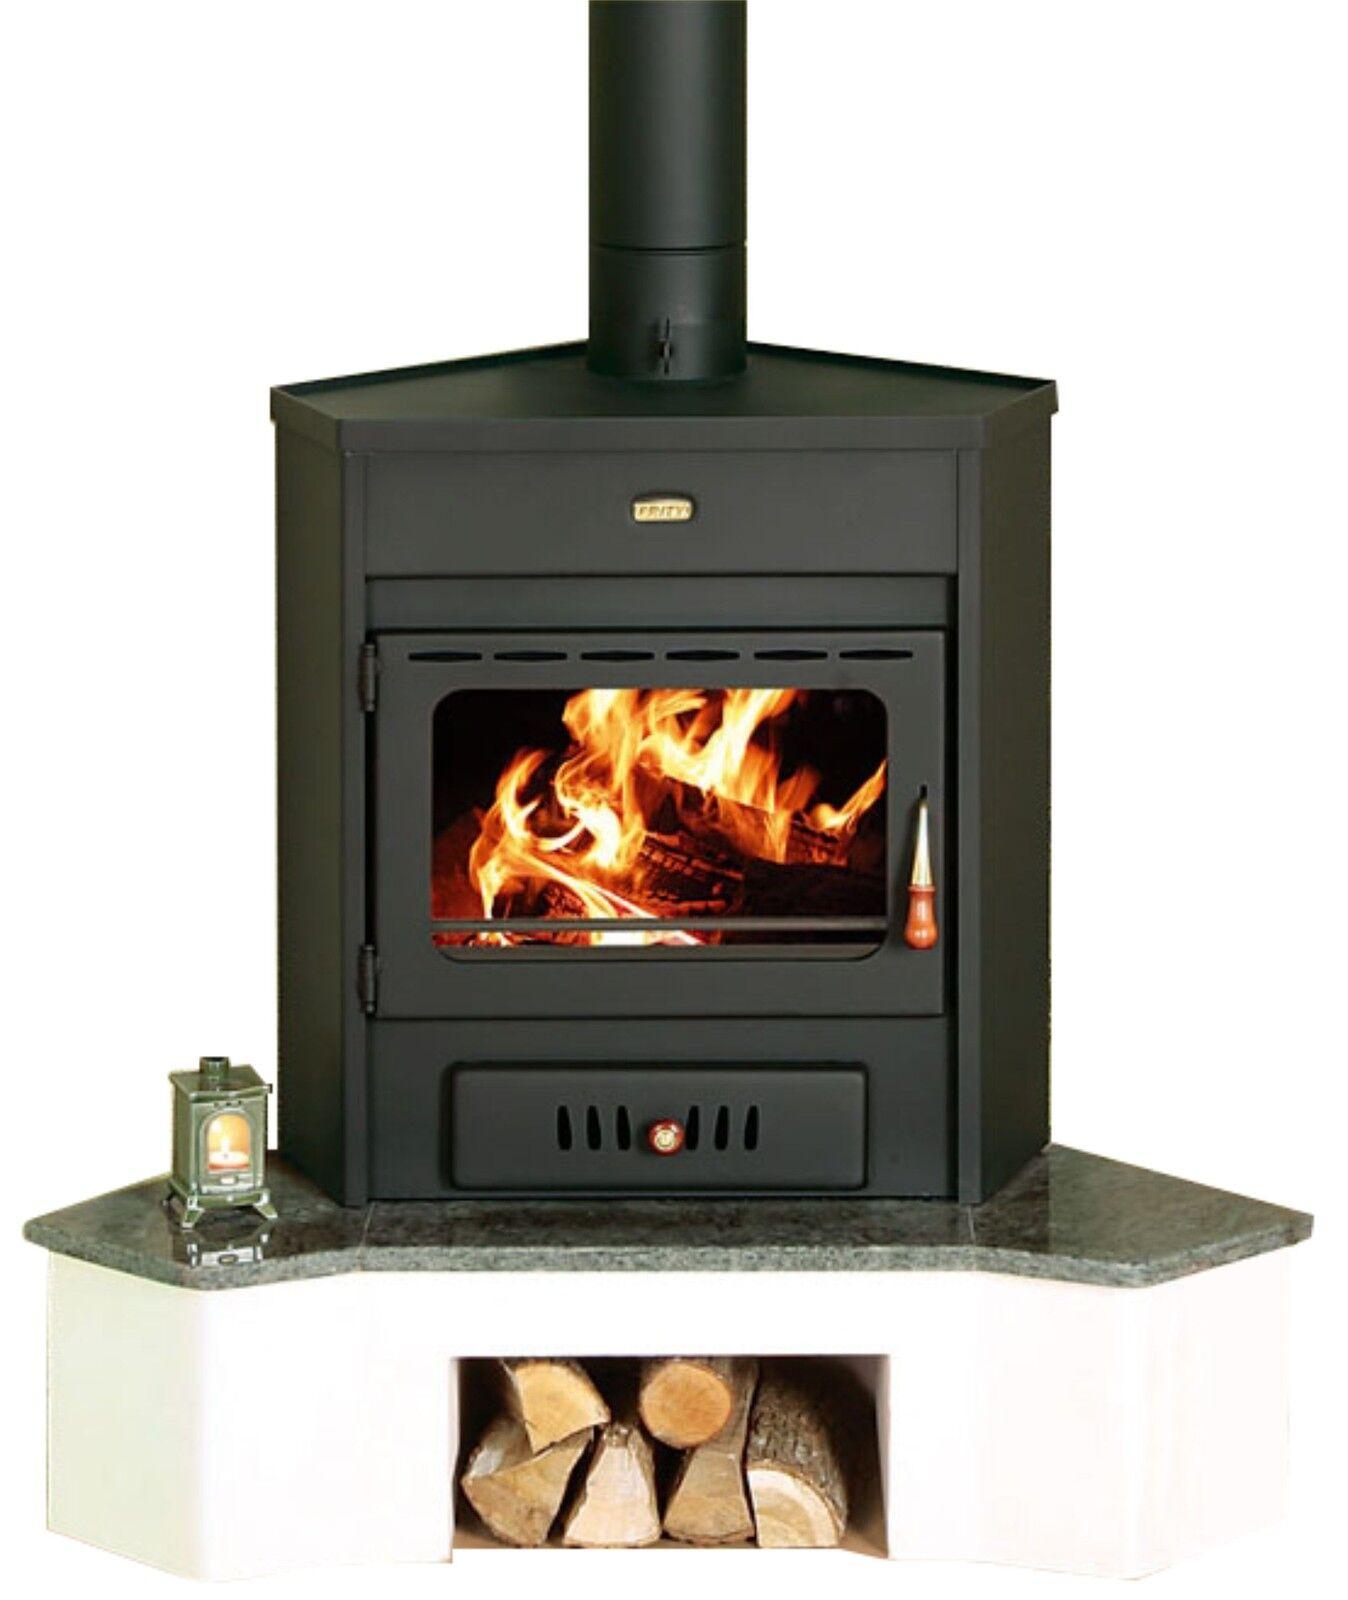 Poele A Bois De Coin détails sur poêle à bois coin modèle brûleur foyer solide carburant 12kw  prity amb